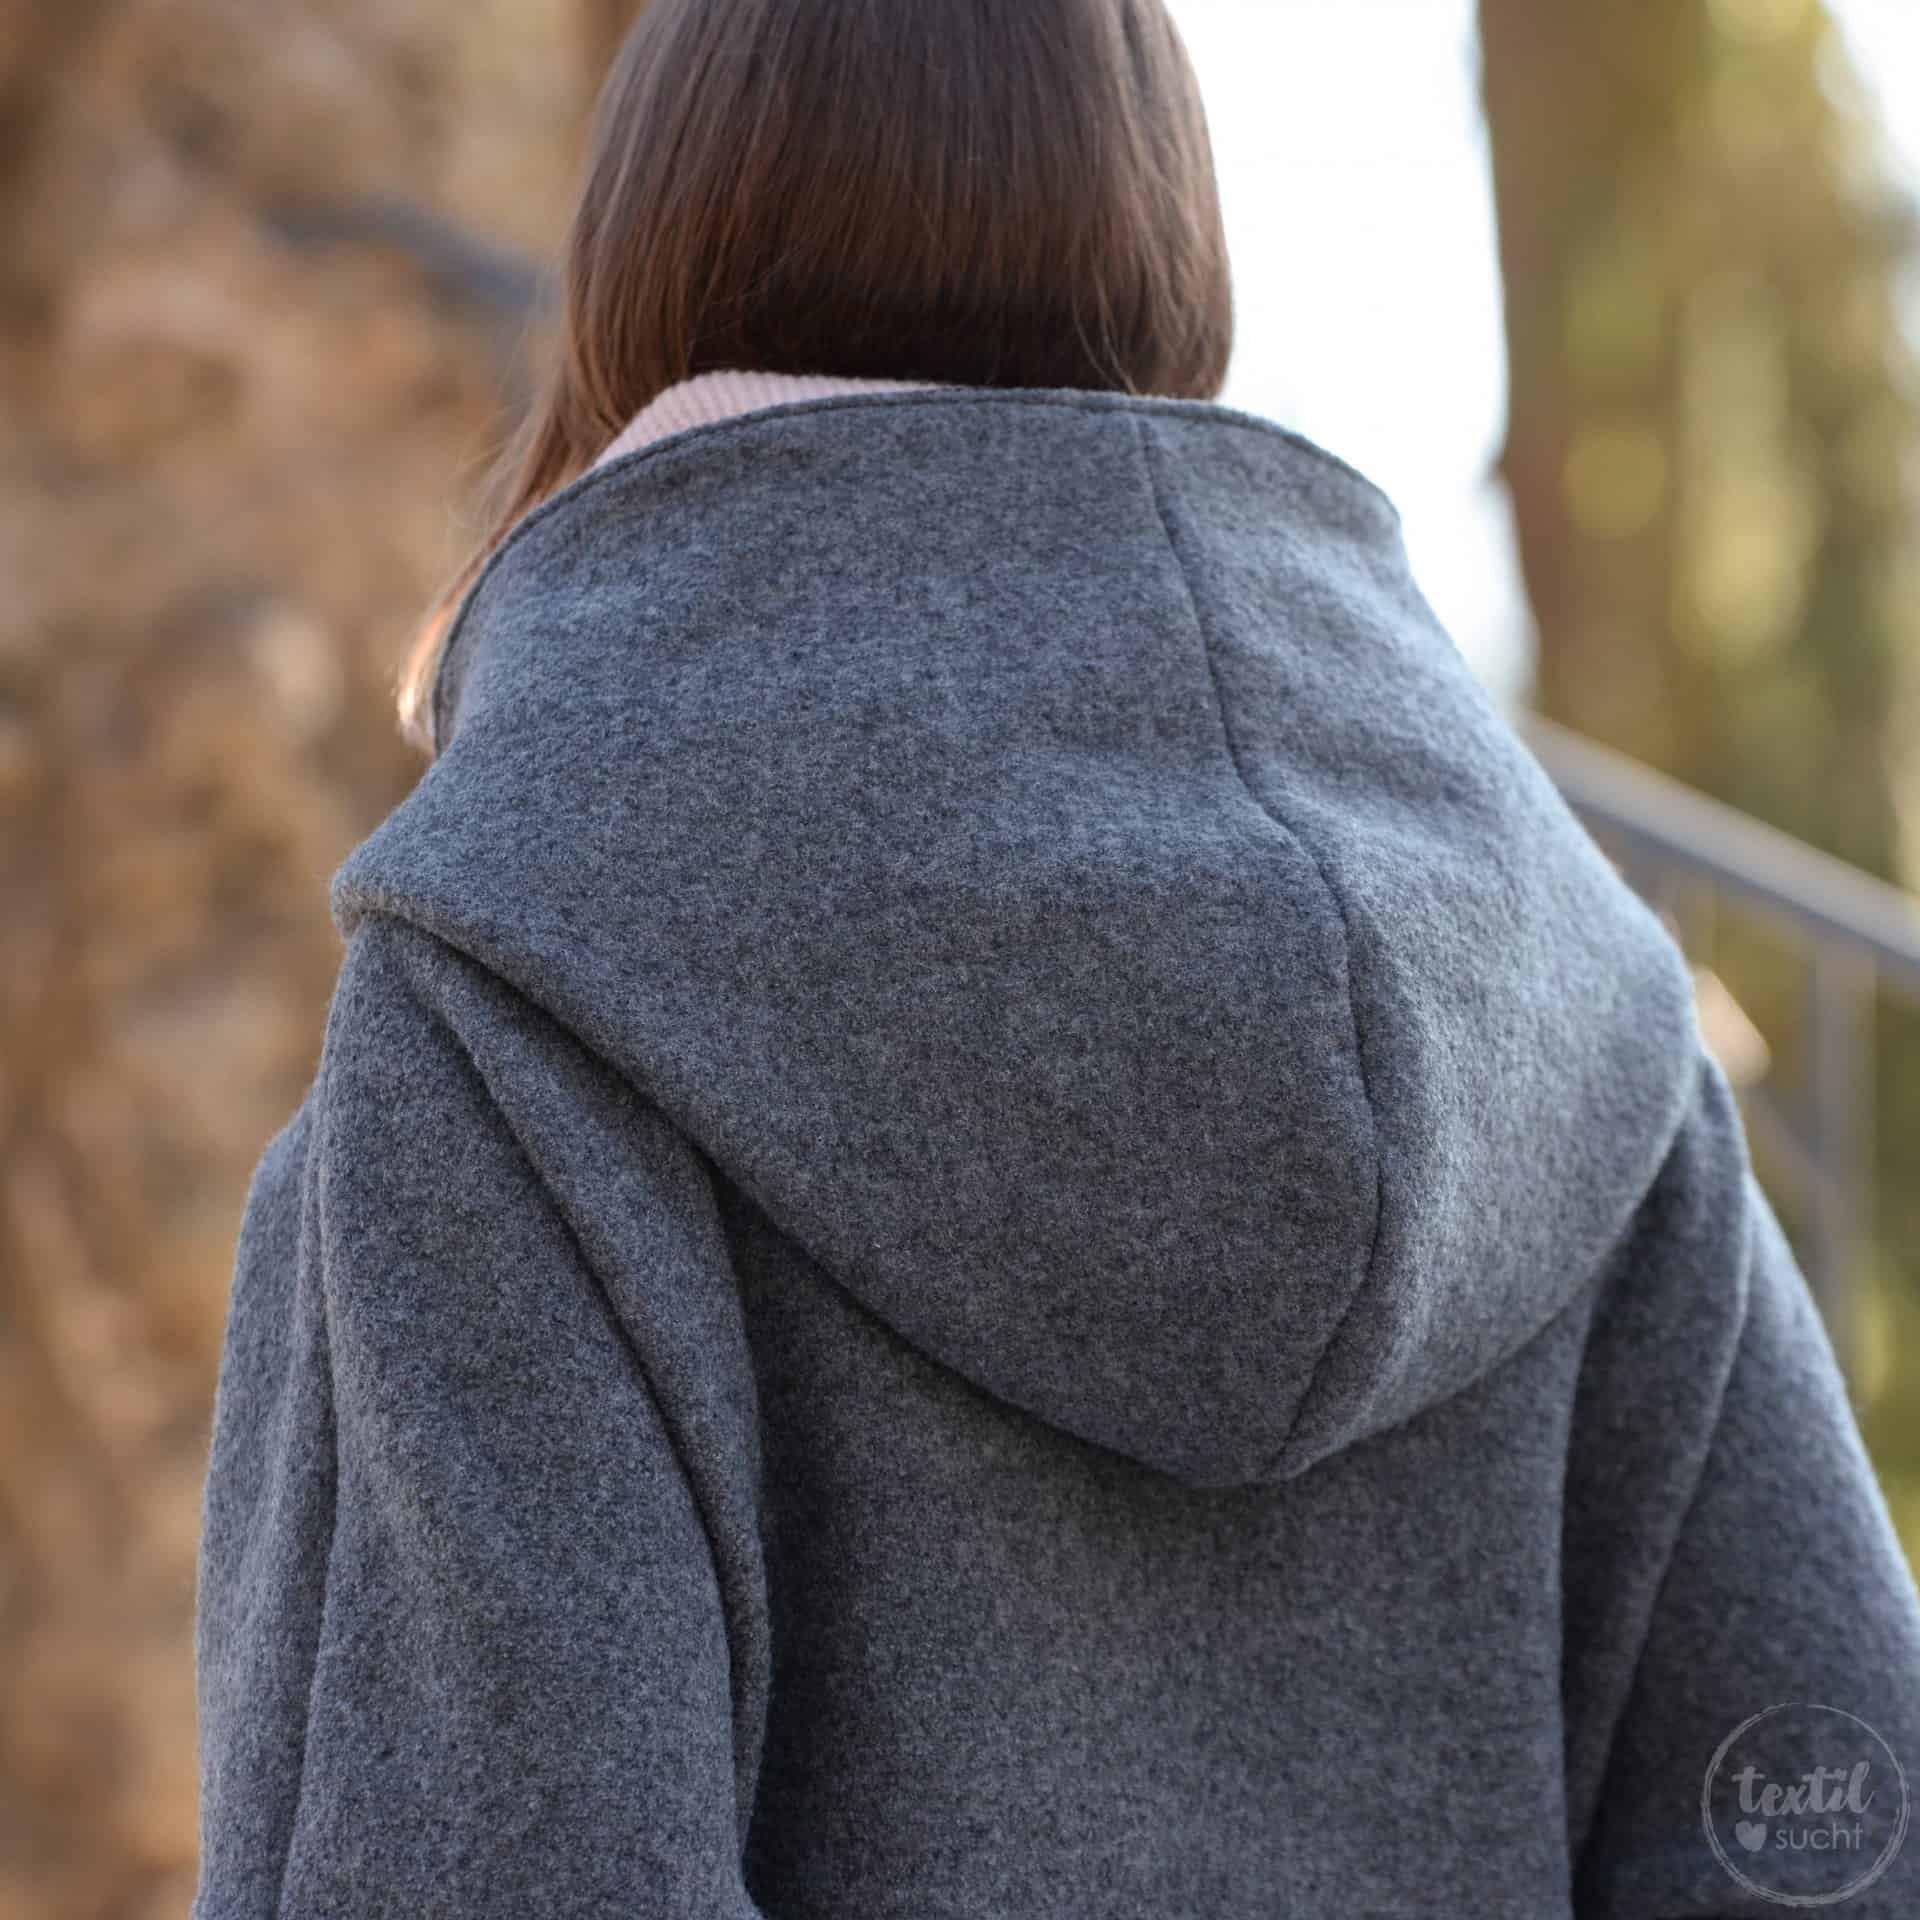 Schnittmuster Jacke Mikala - inkl. Nähanleitung » Textilsucht®